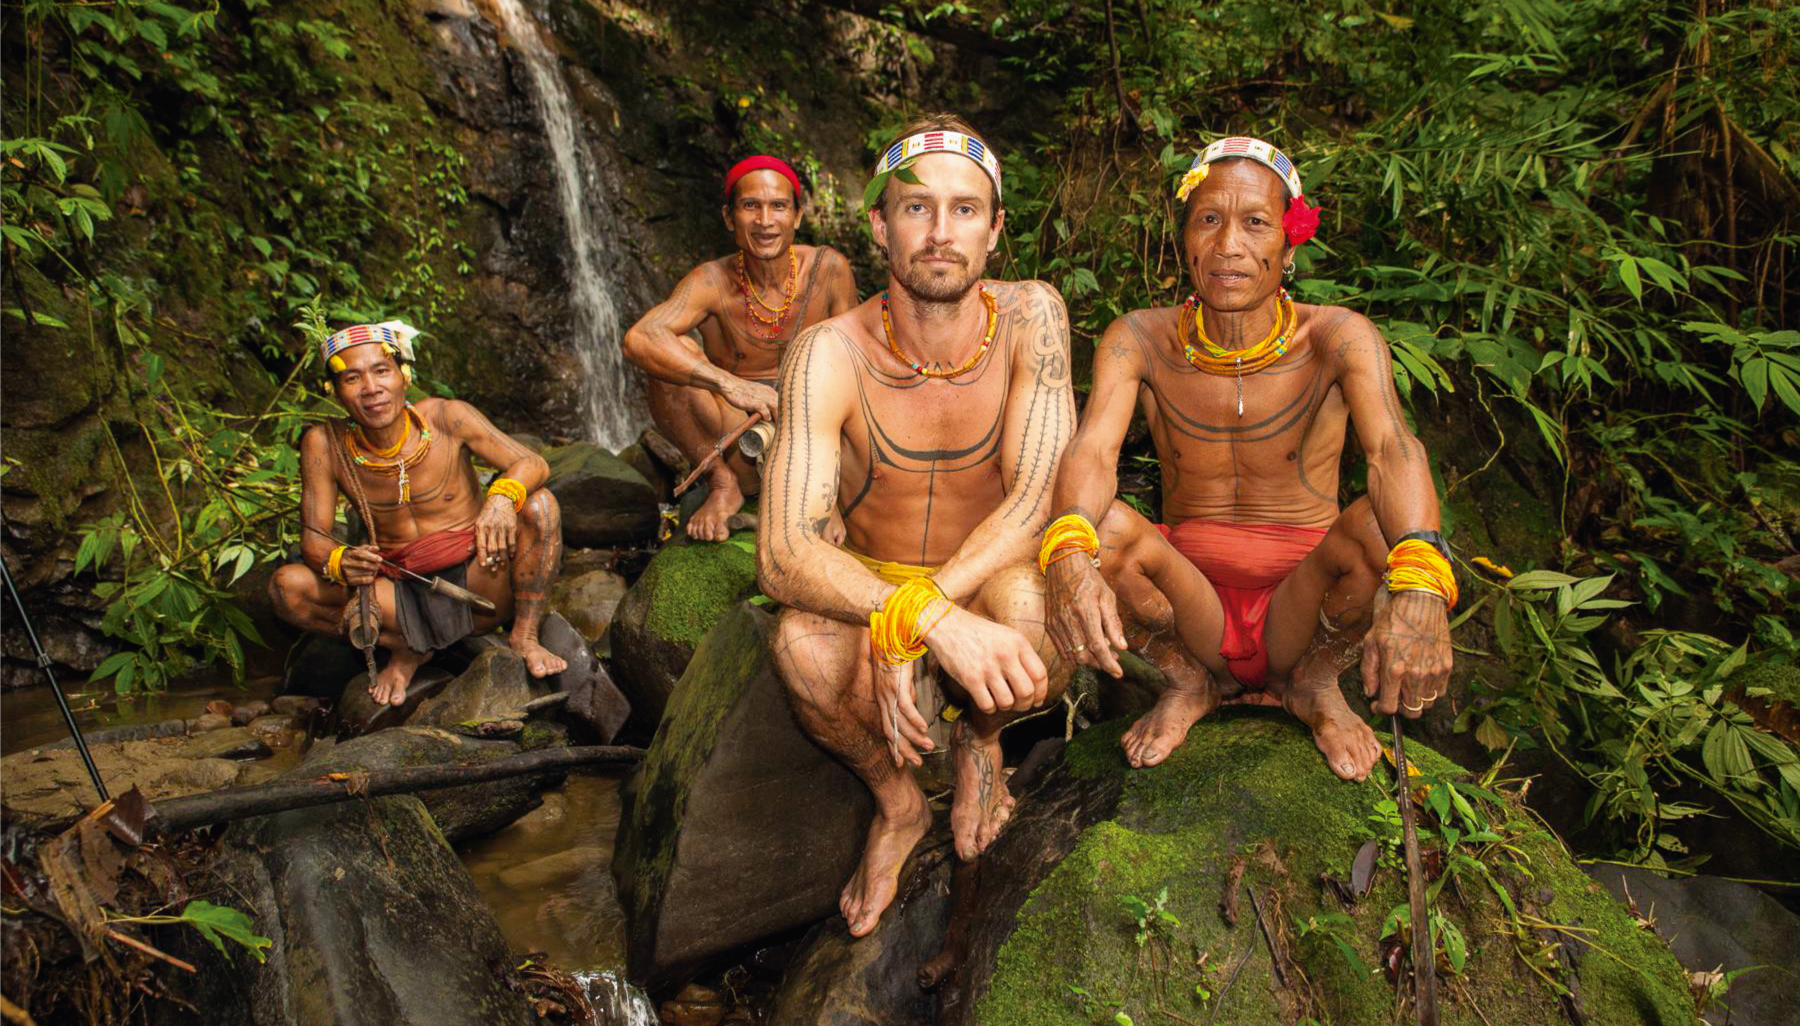 Surfista australiano pasa 8 años de su vida conviviendo con tribu en Las Mentawai